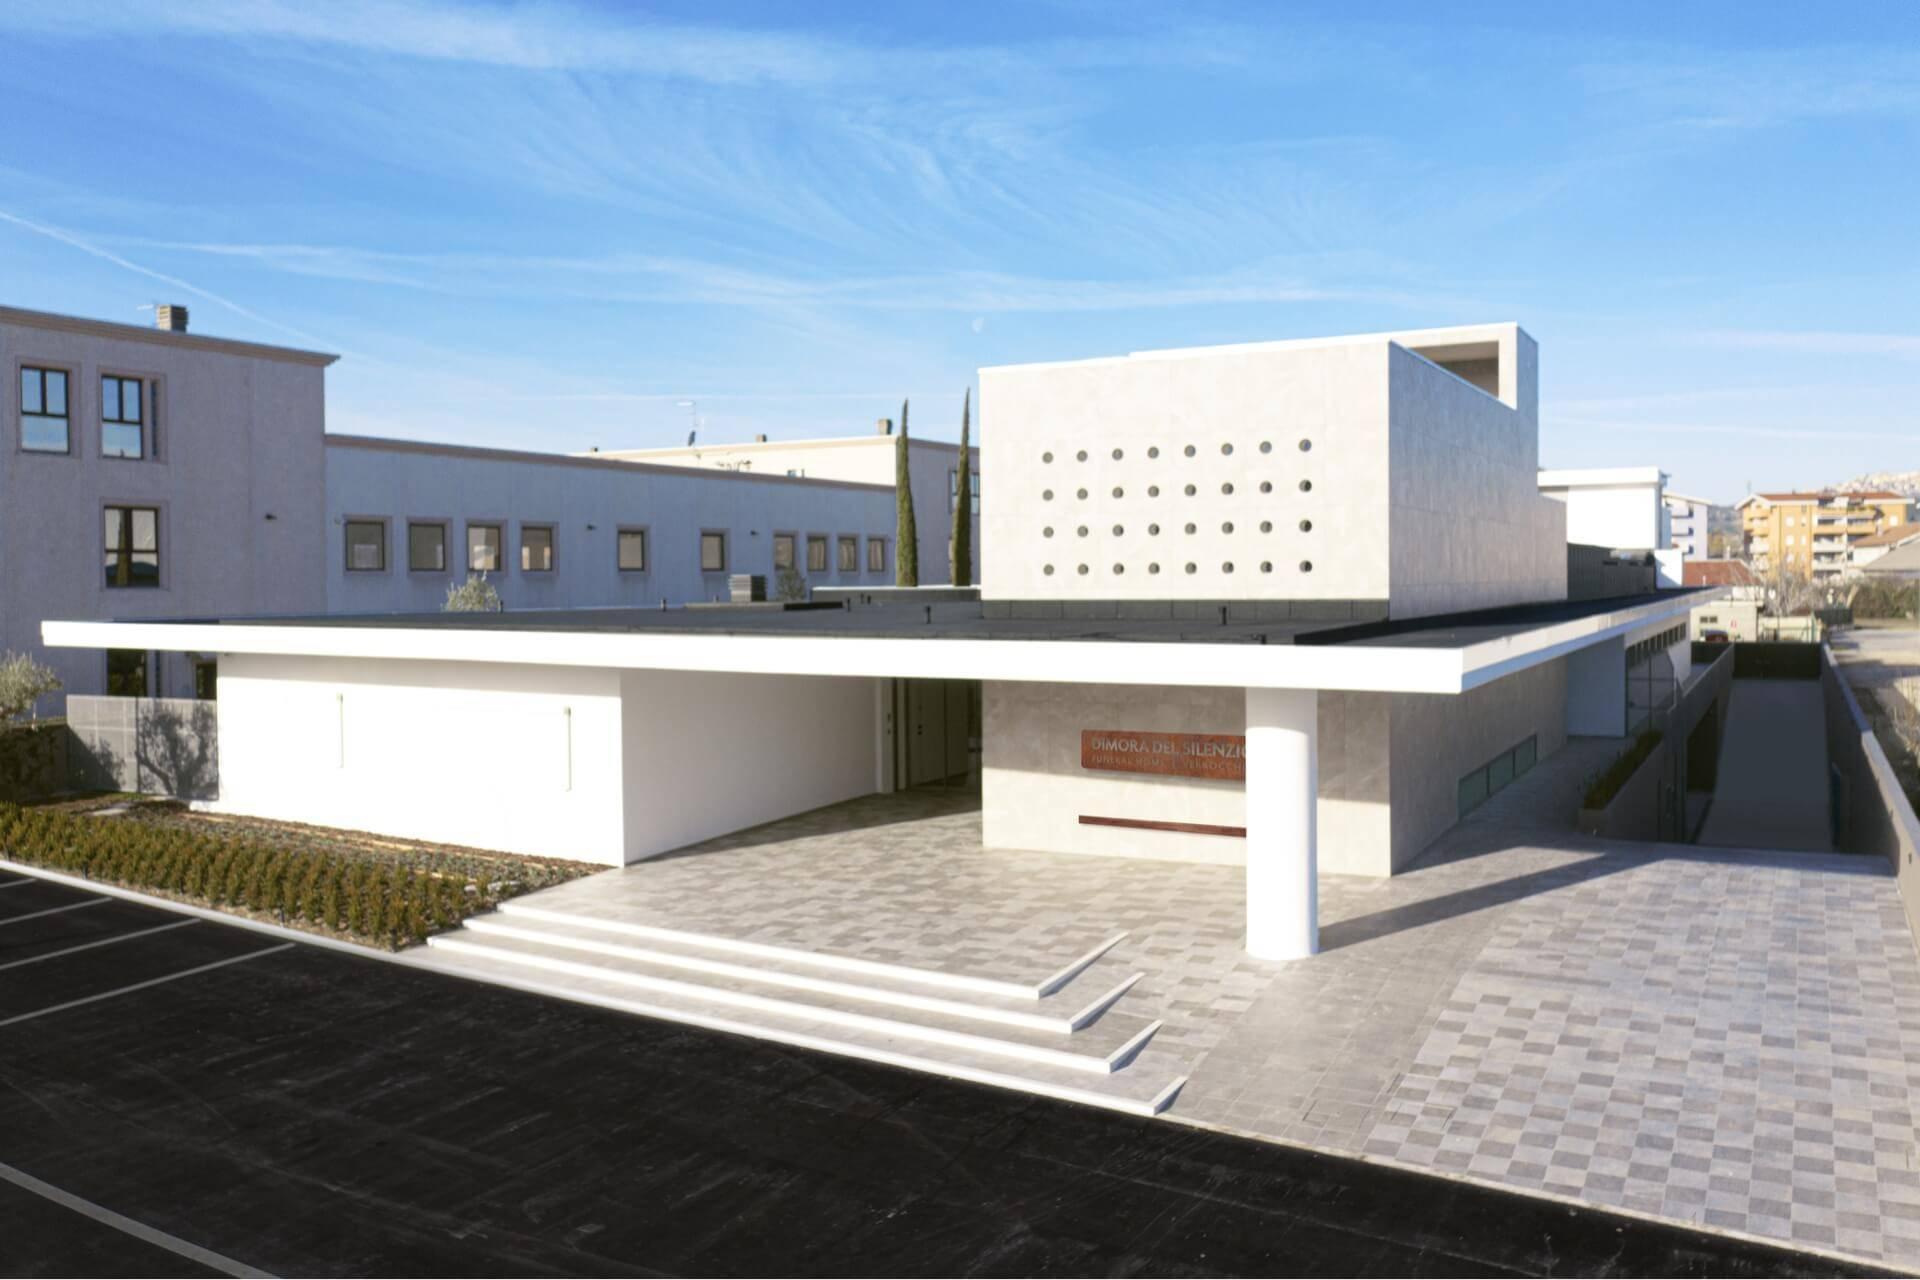 casa funeraria verrocchio onoranze funebri_esterno